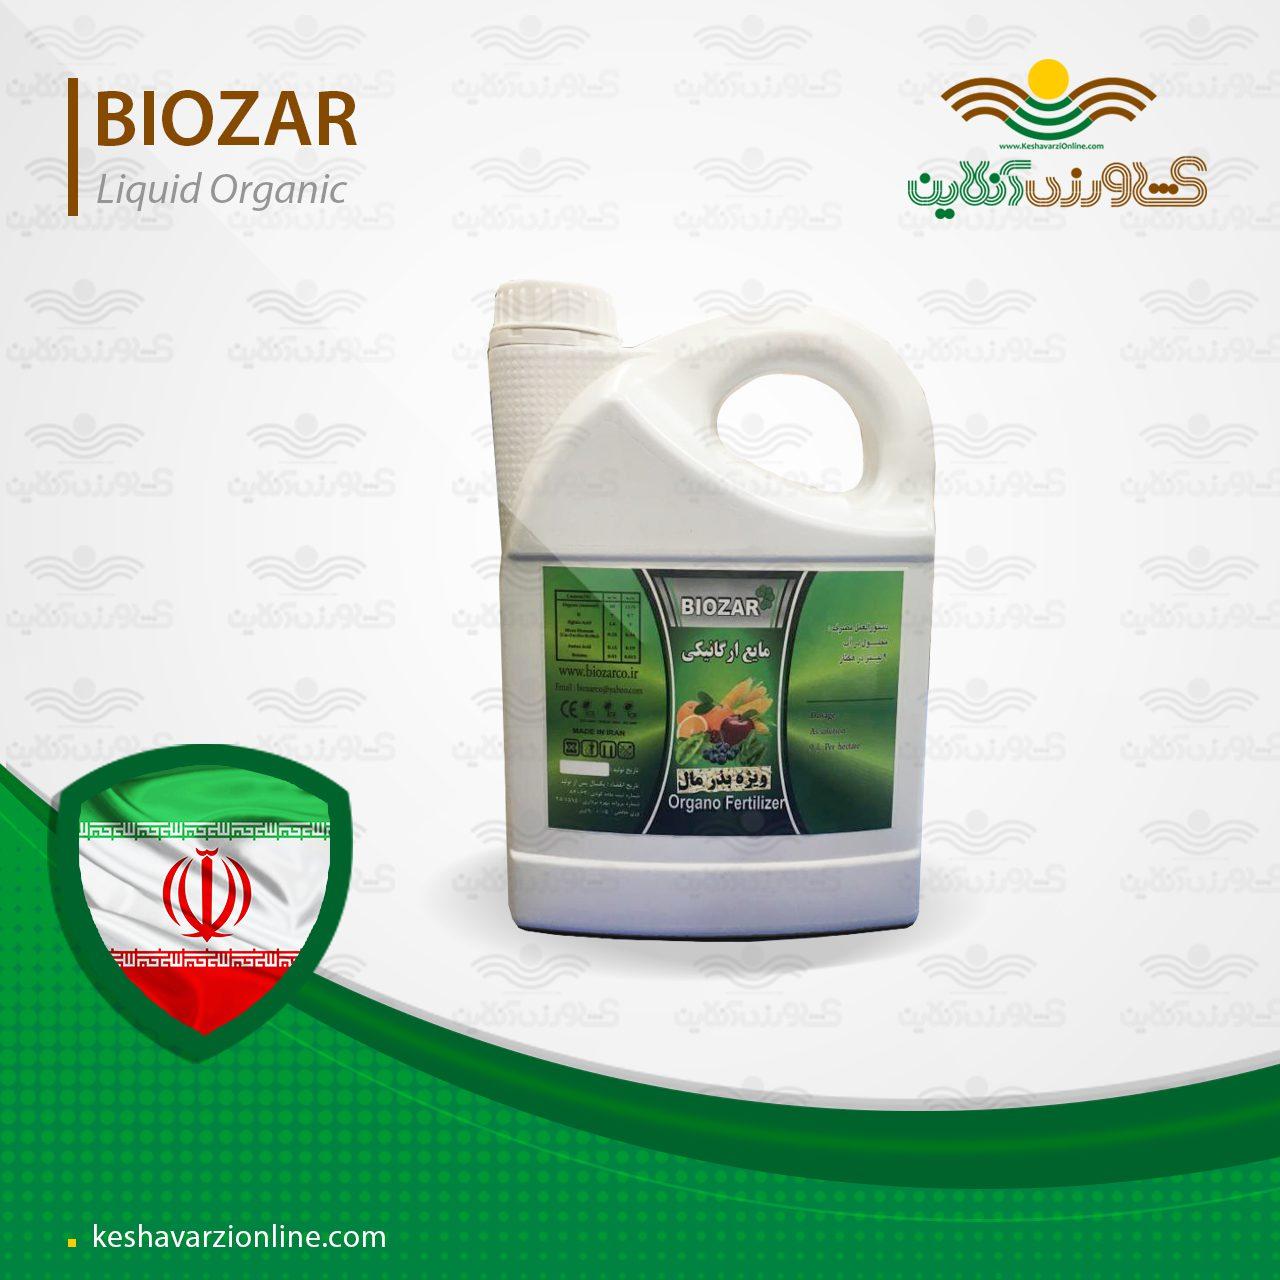 کود مایع ارگانیکی بیوزر یک لیتری